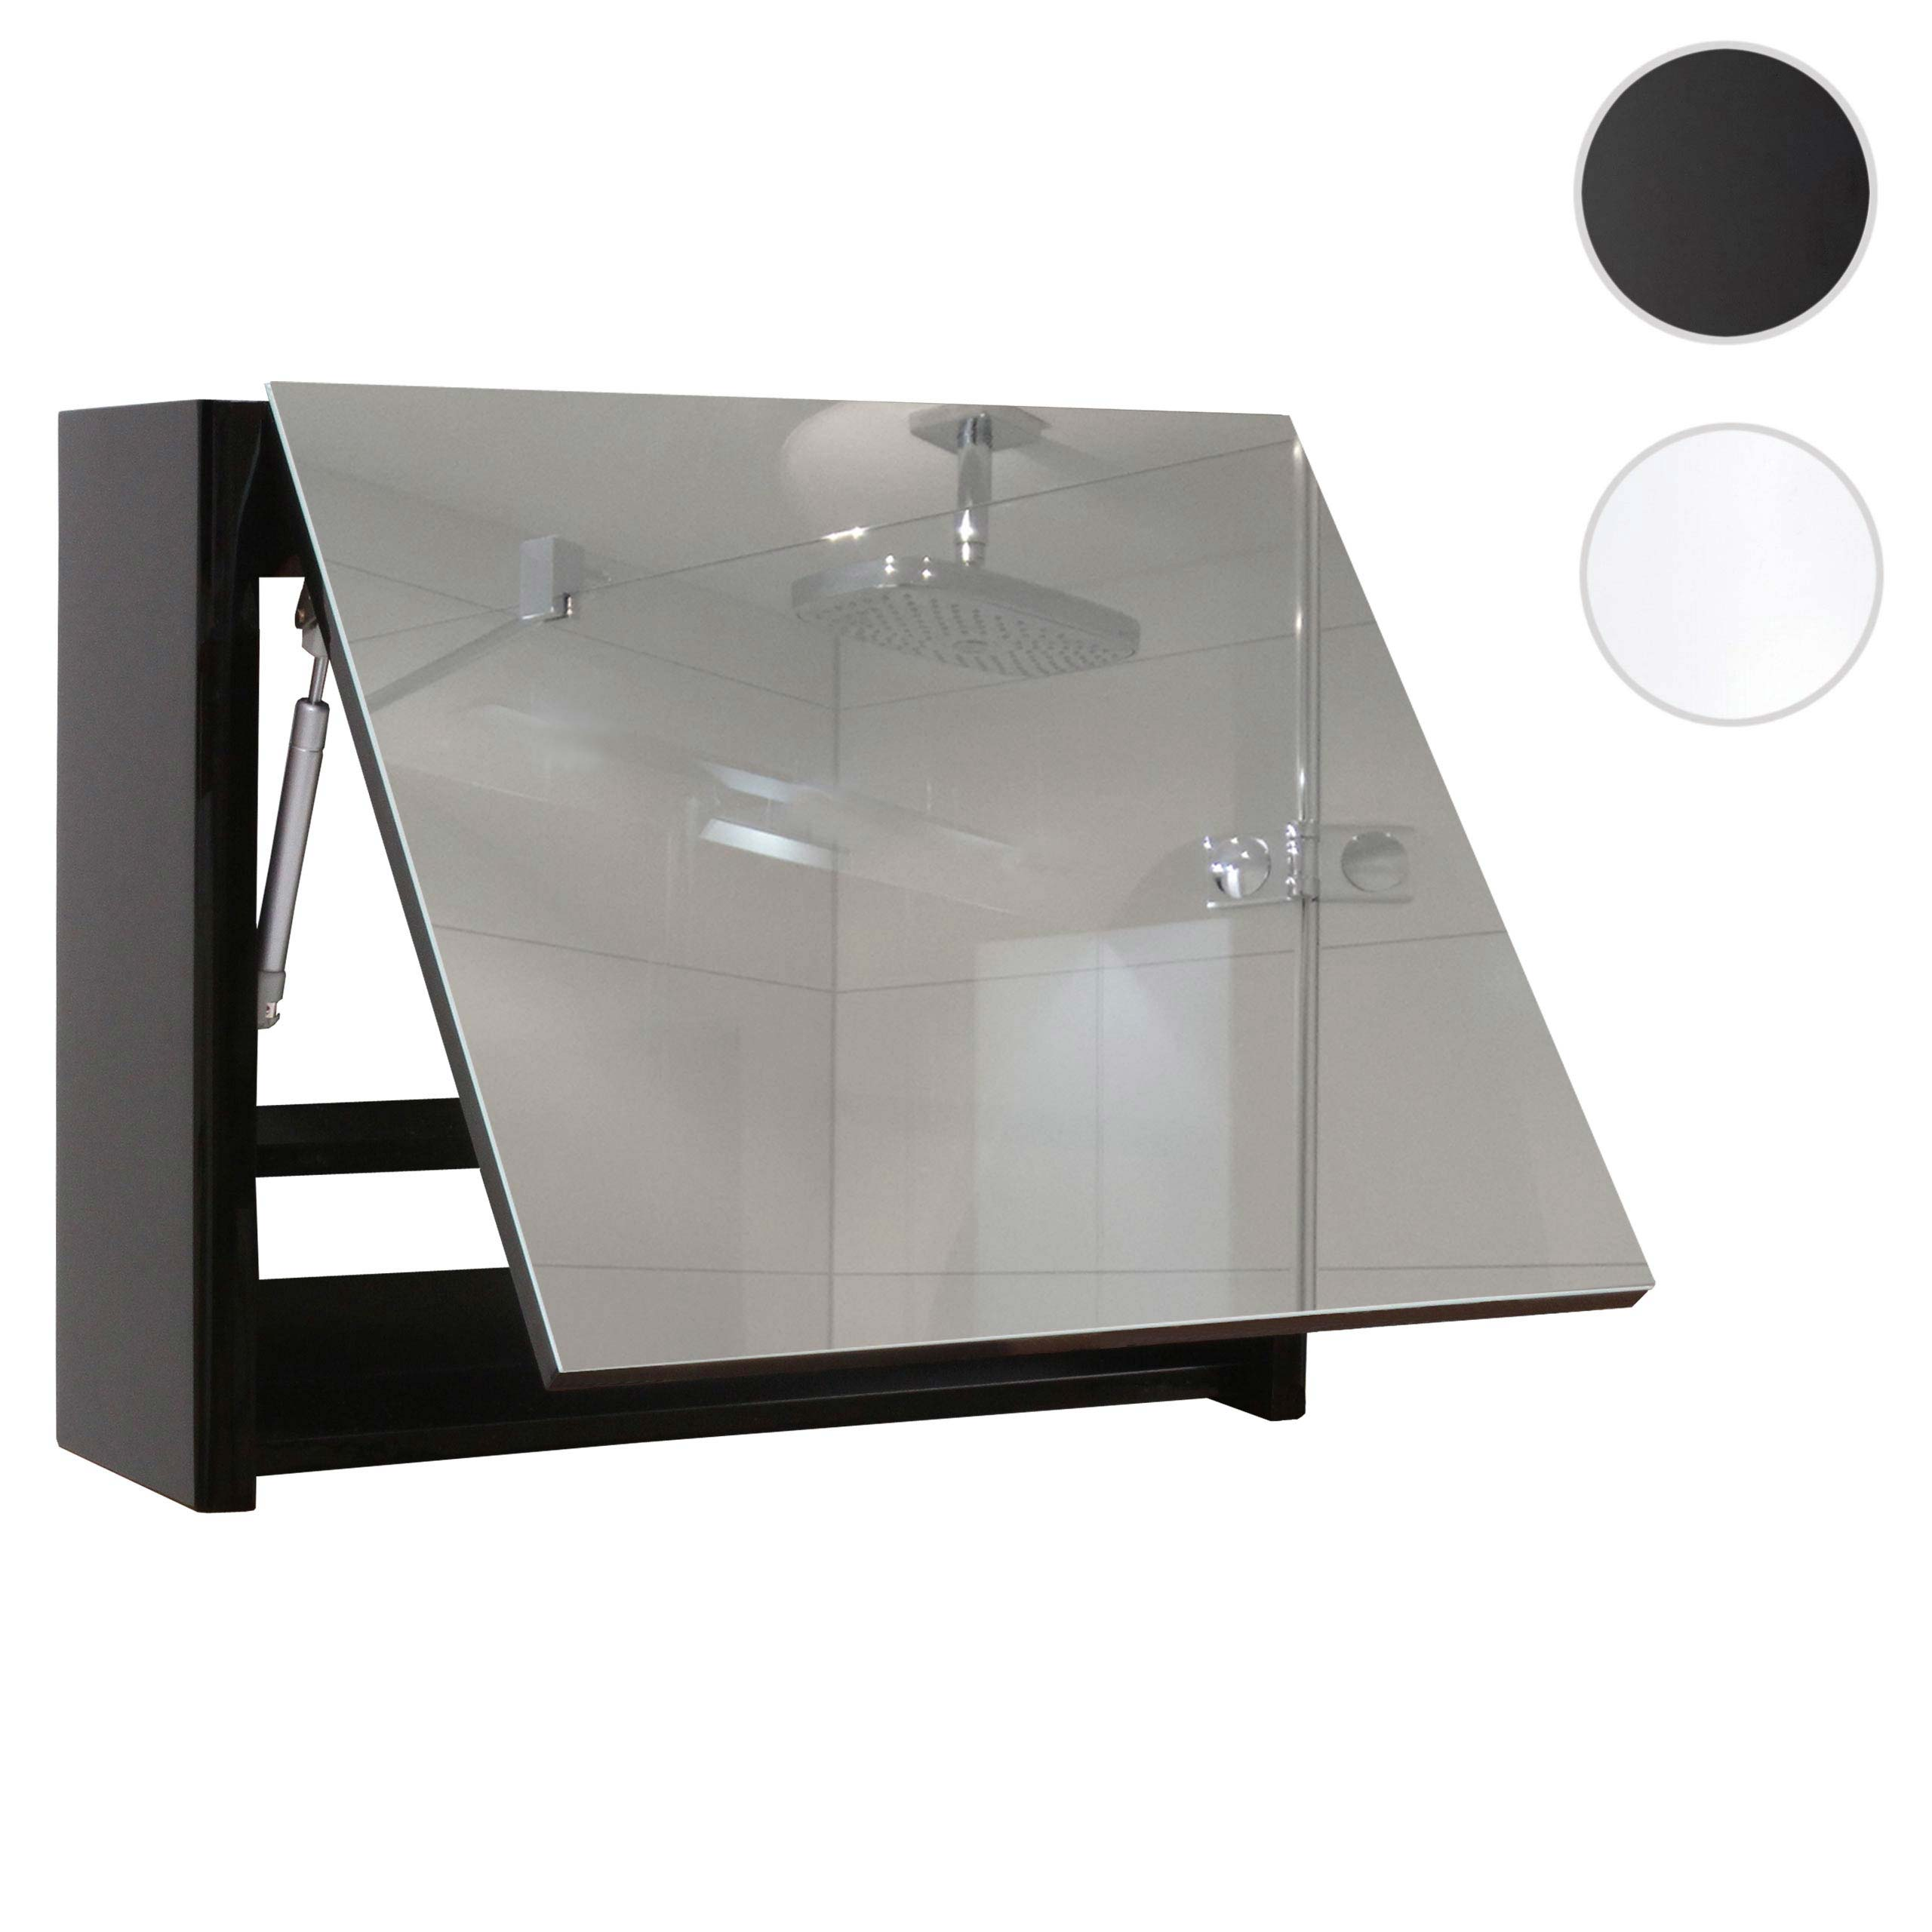 Mendler Spiegelschrank HWC-B19, Wandspiegel Badspiegel Badezimmer, aufklappbar hochglanz 48x79cm ~ Varianten 57633